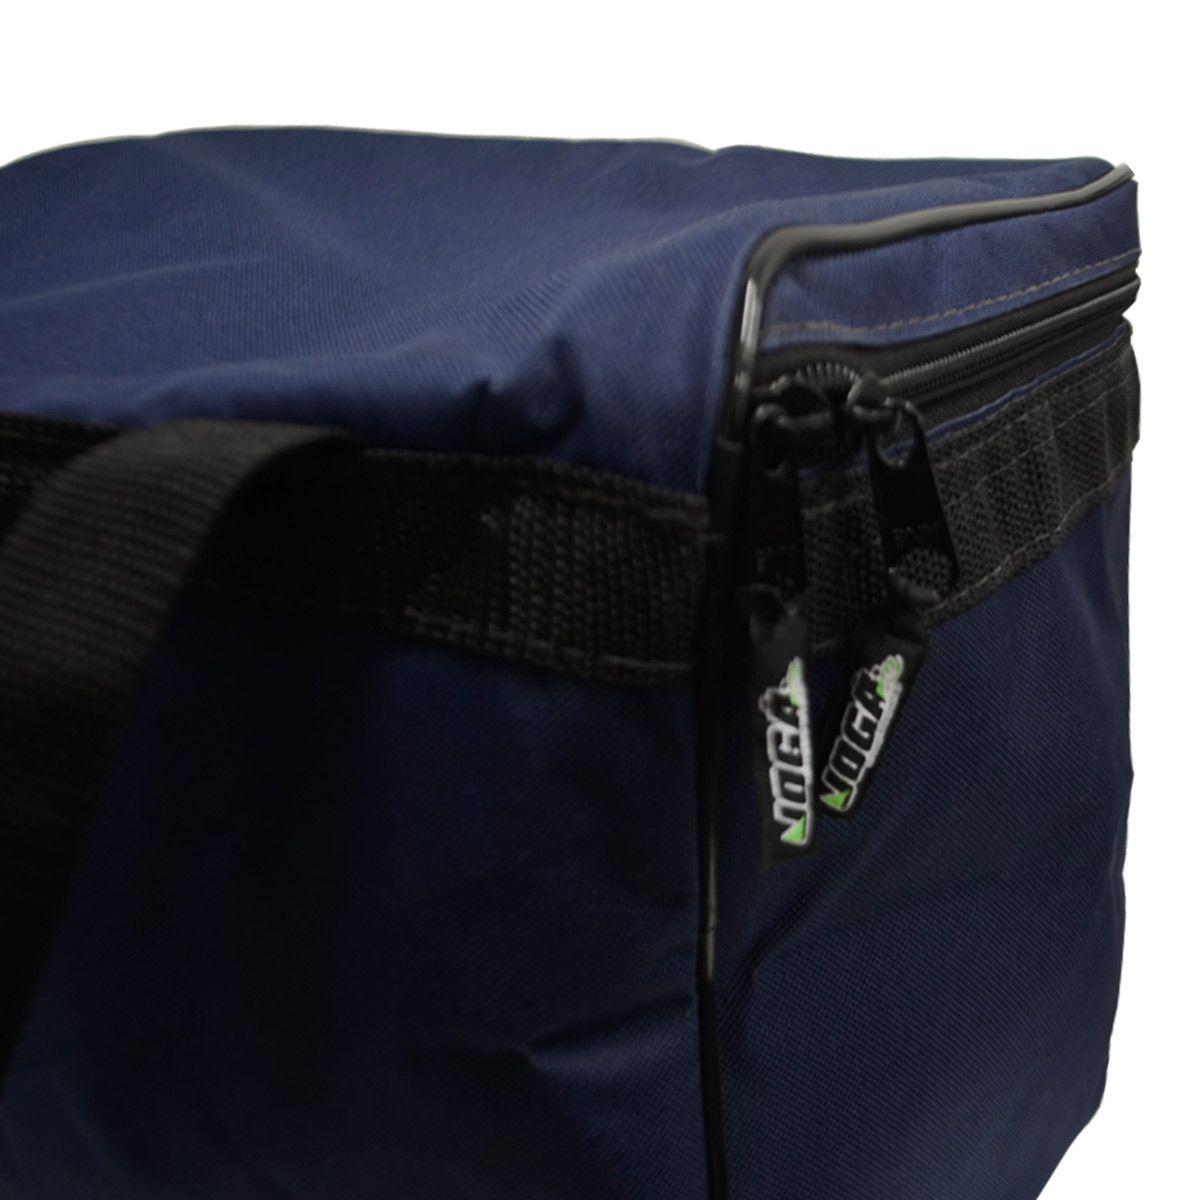 Bolsa Térmica Jogá Termobag 11L Azul